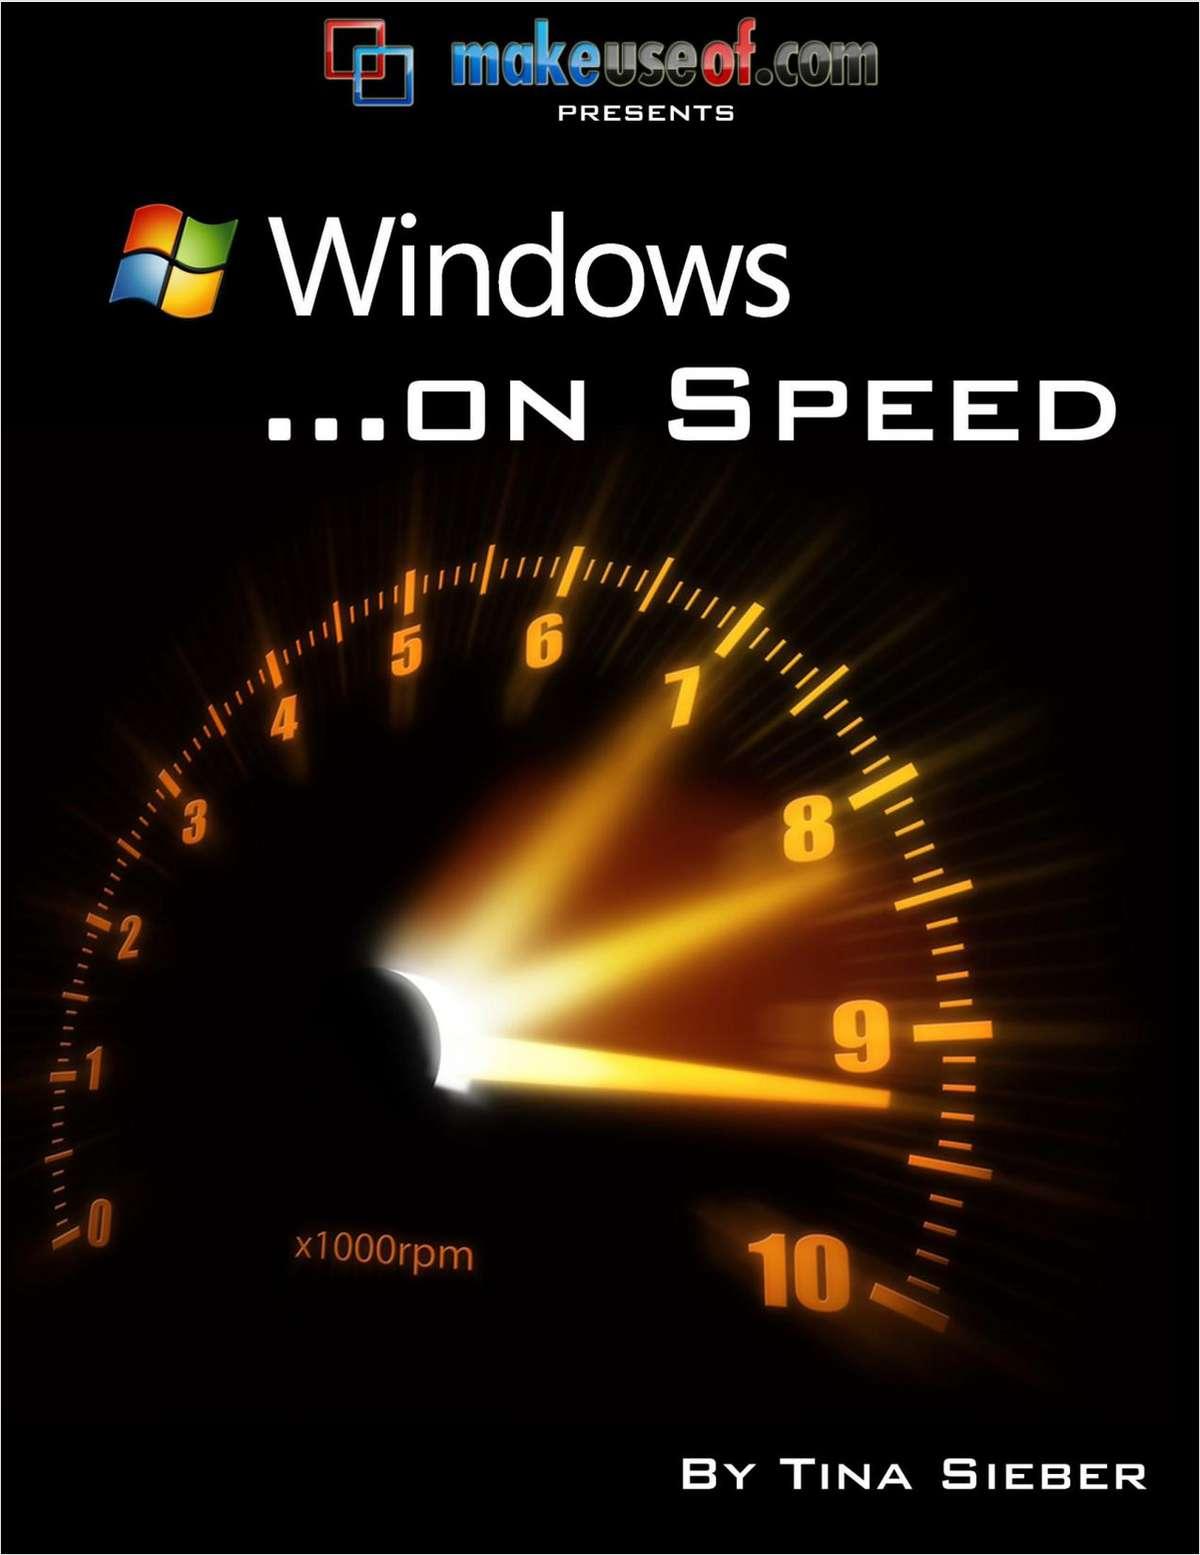 Windows... On Speed